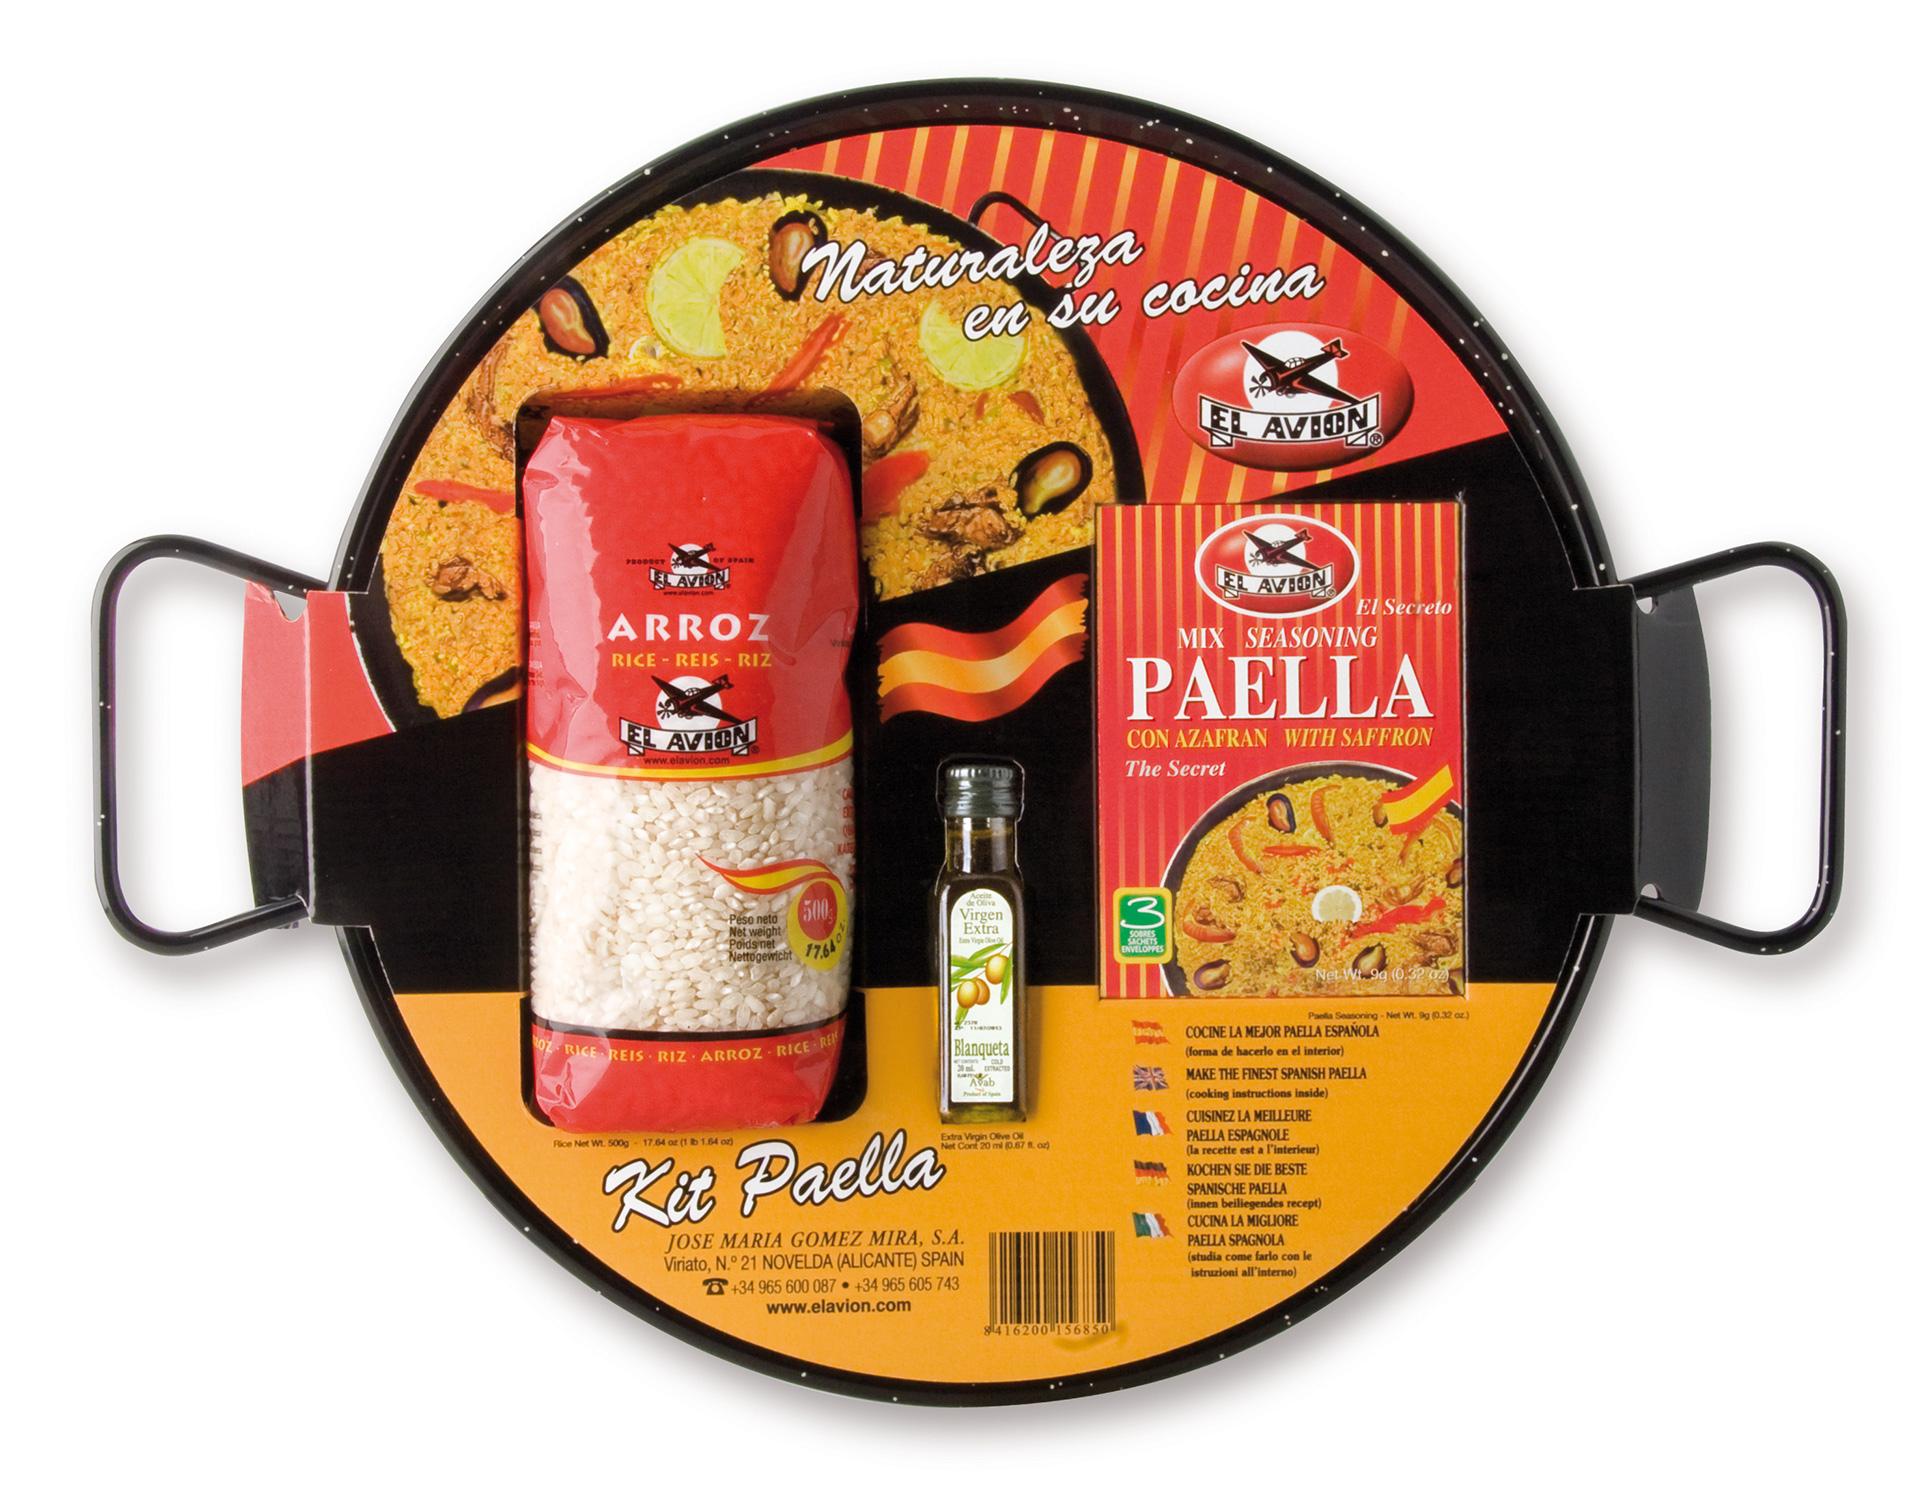 Kit à Paella émaillé pour 4 personnes